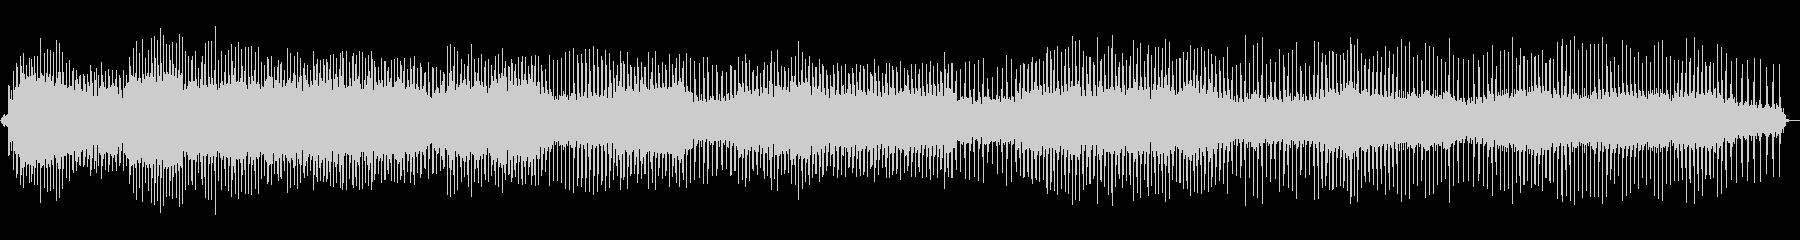 使用中のミシン-中速の未再生の波形